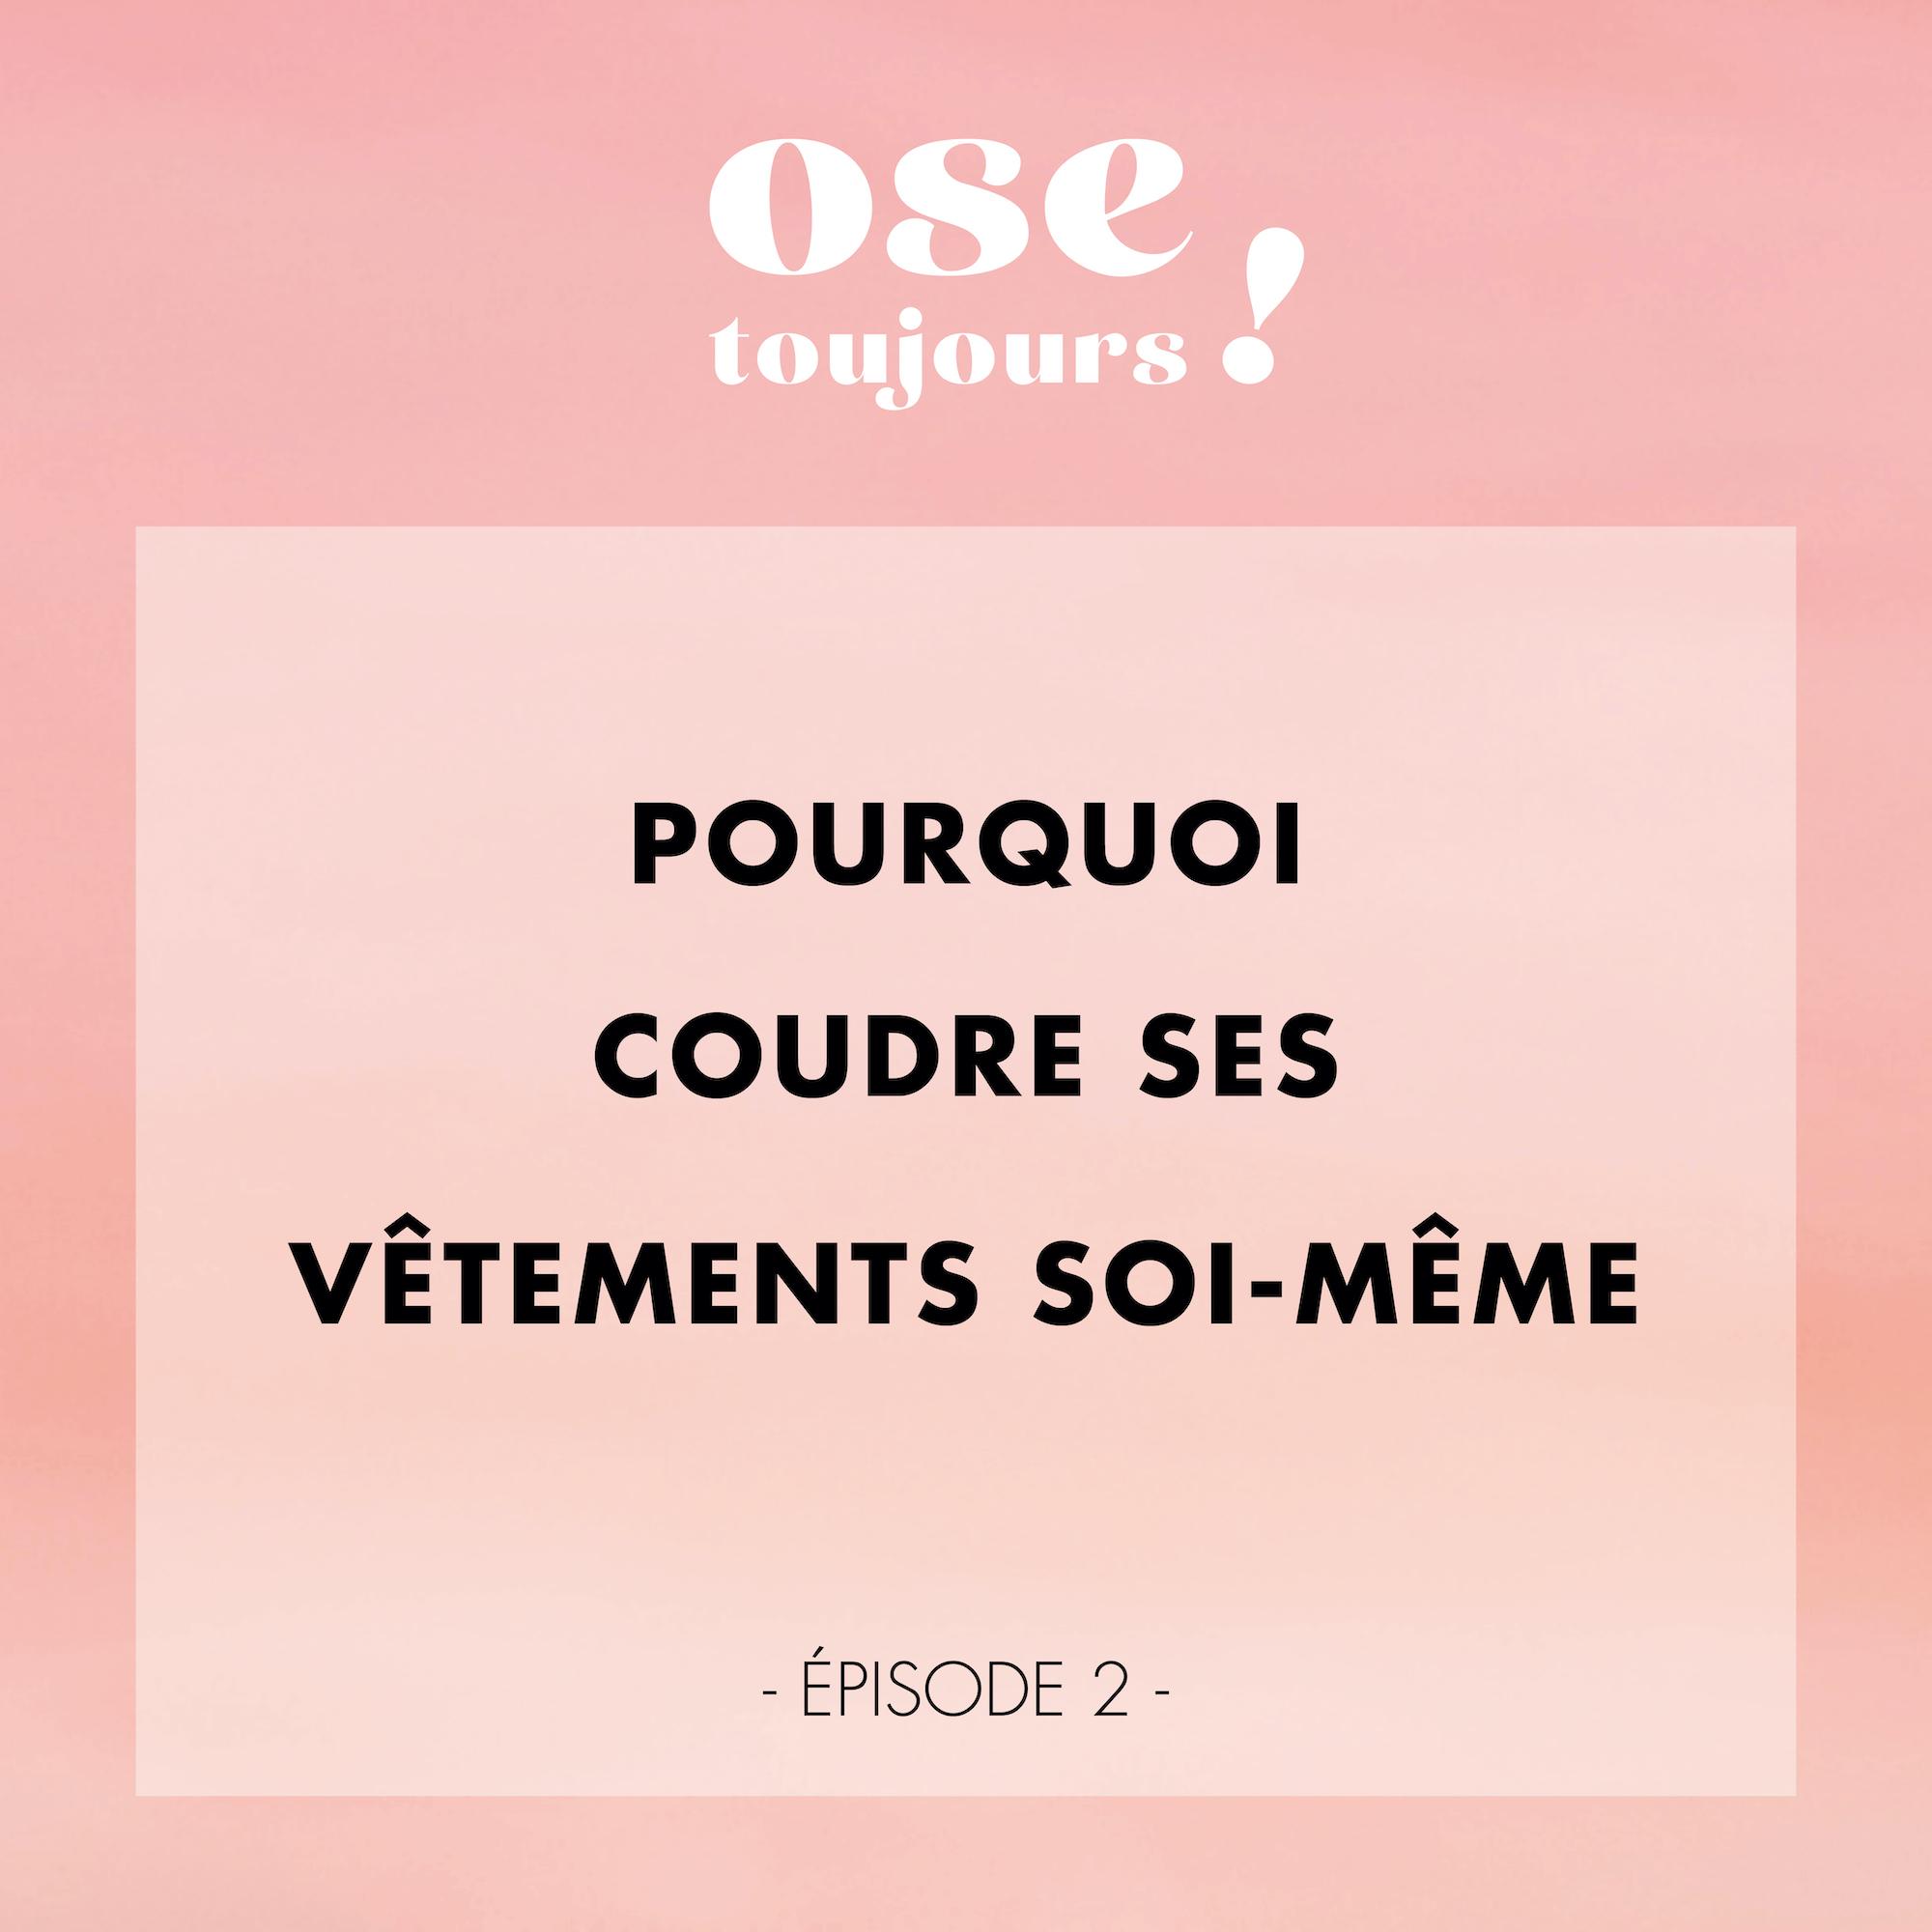 Podcast Ose Toujours de Ose Patterns - Pourquoi coudre ses vêtements soi-même